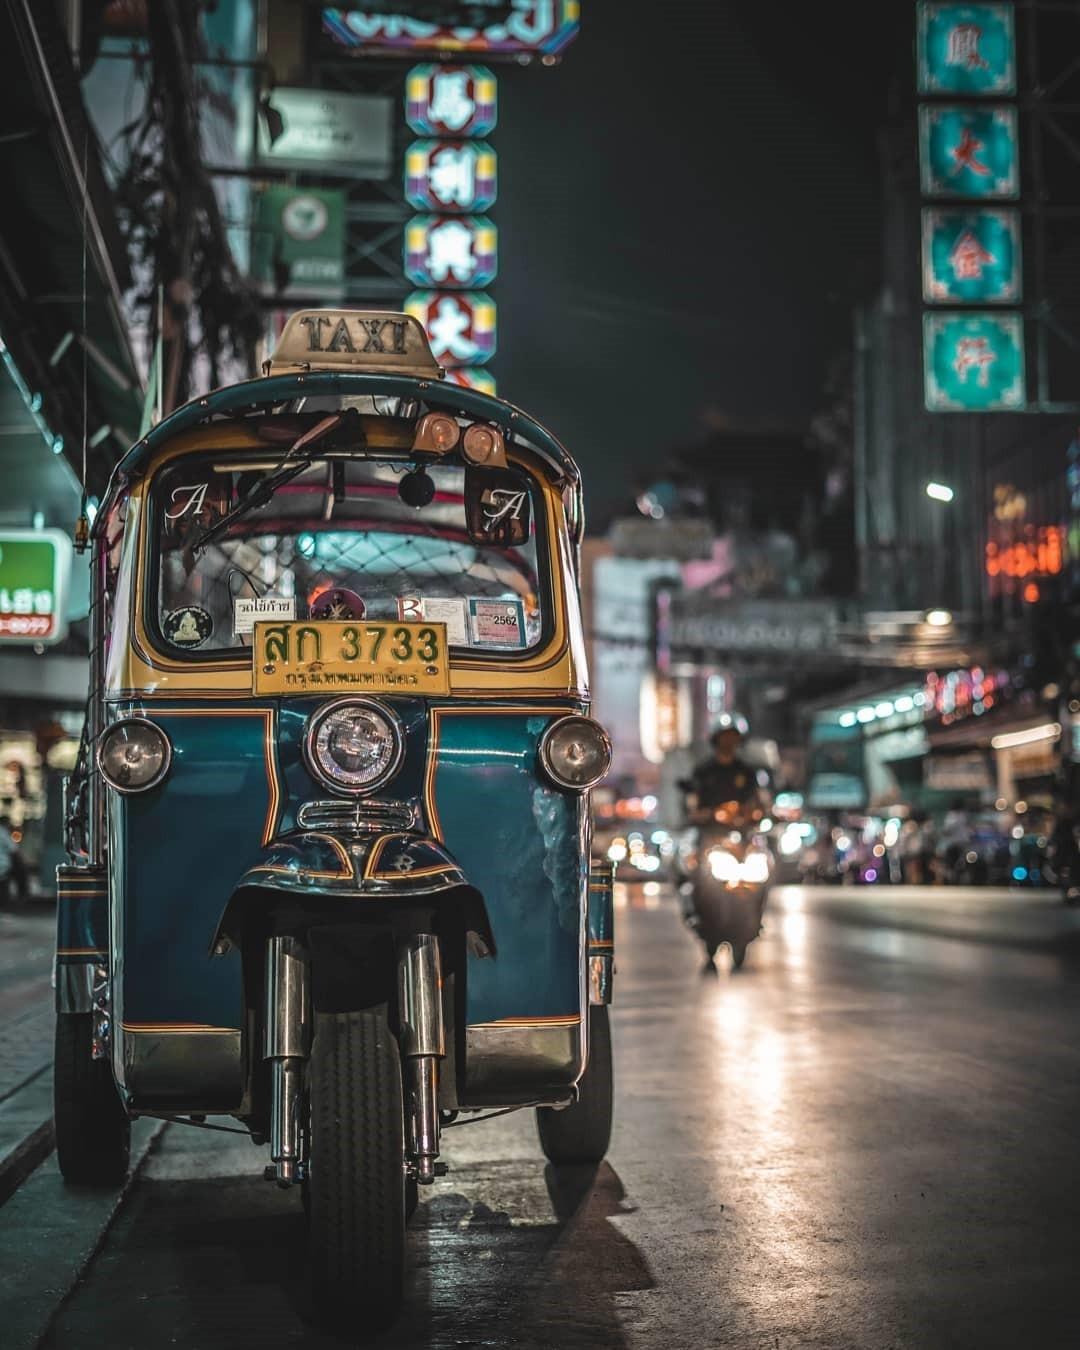 """Kinh nghiệm để tránh """"sập bẫy"""" khi du lịch Bangkok - Ảnh 4."""